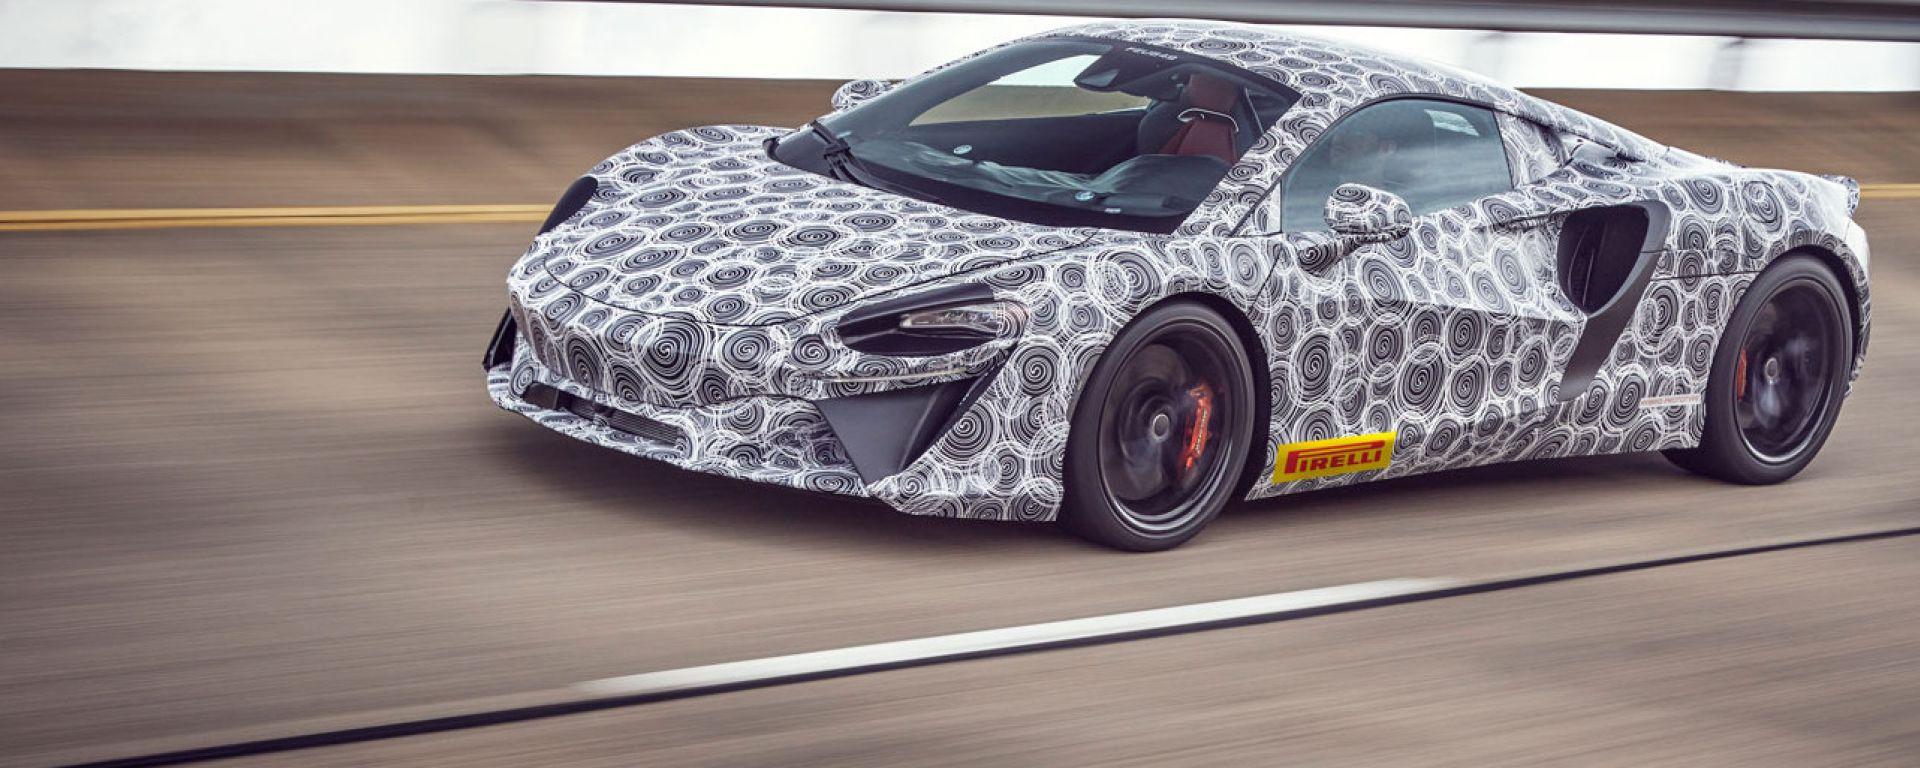 Ultimi test per la nuova McLaren ibrida